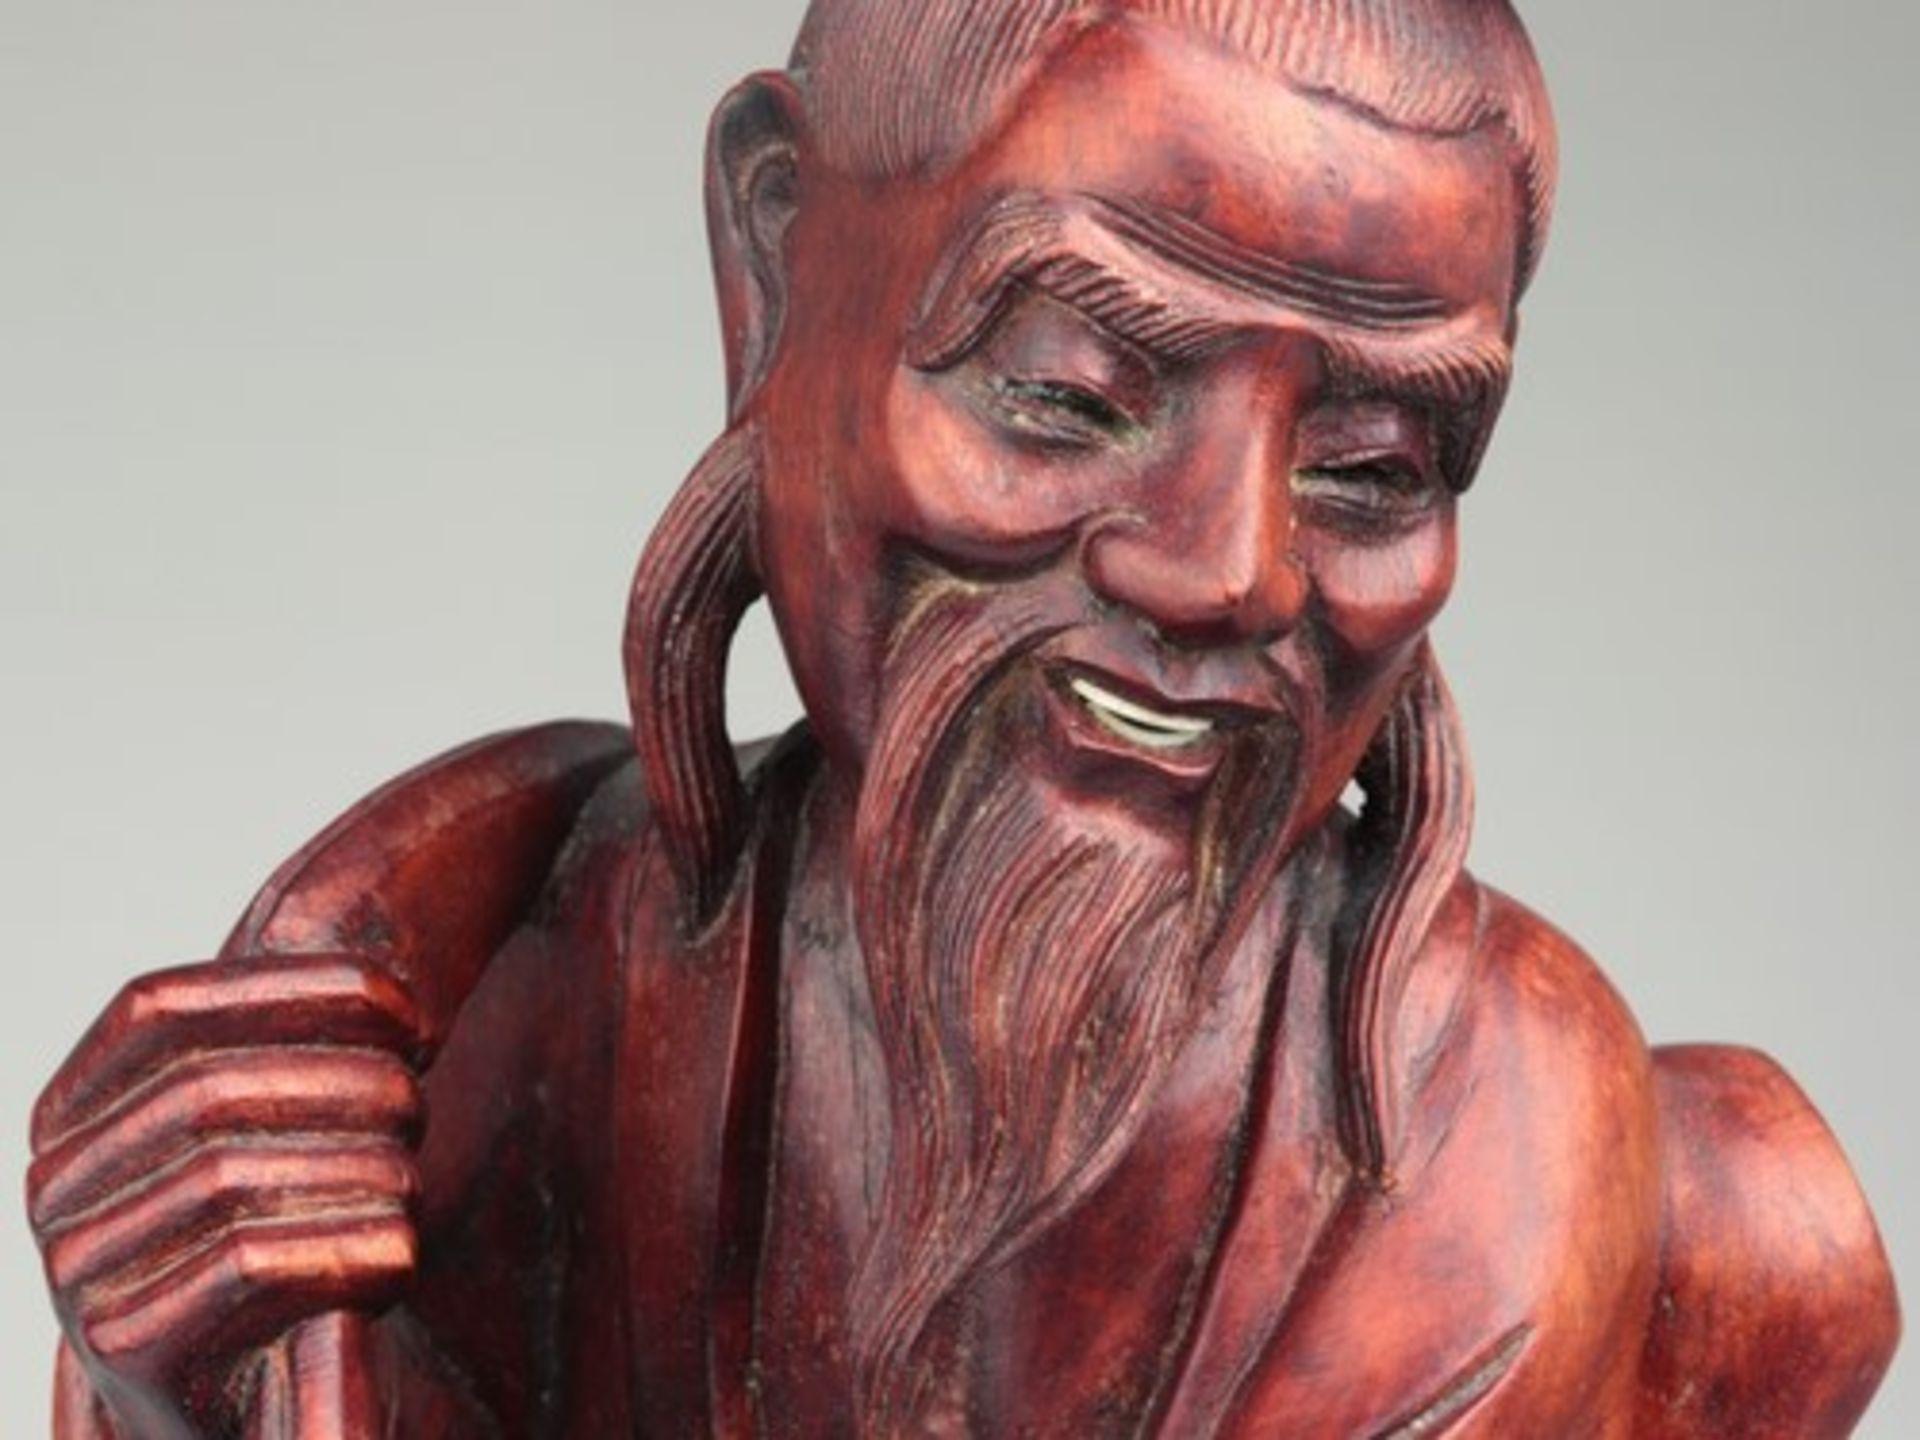 Holzfigur - China20.Jh., vollplastische Holzschnitzerei, Hartholz, Glasaugen, Fischer m. zwei - Bild 4 aus 8